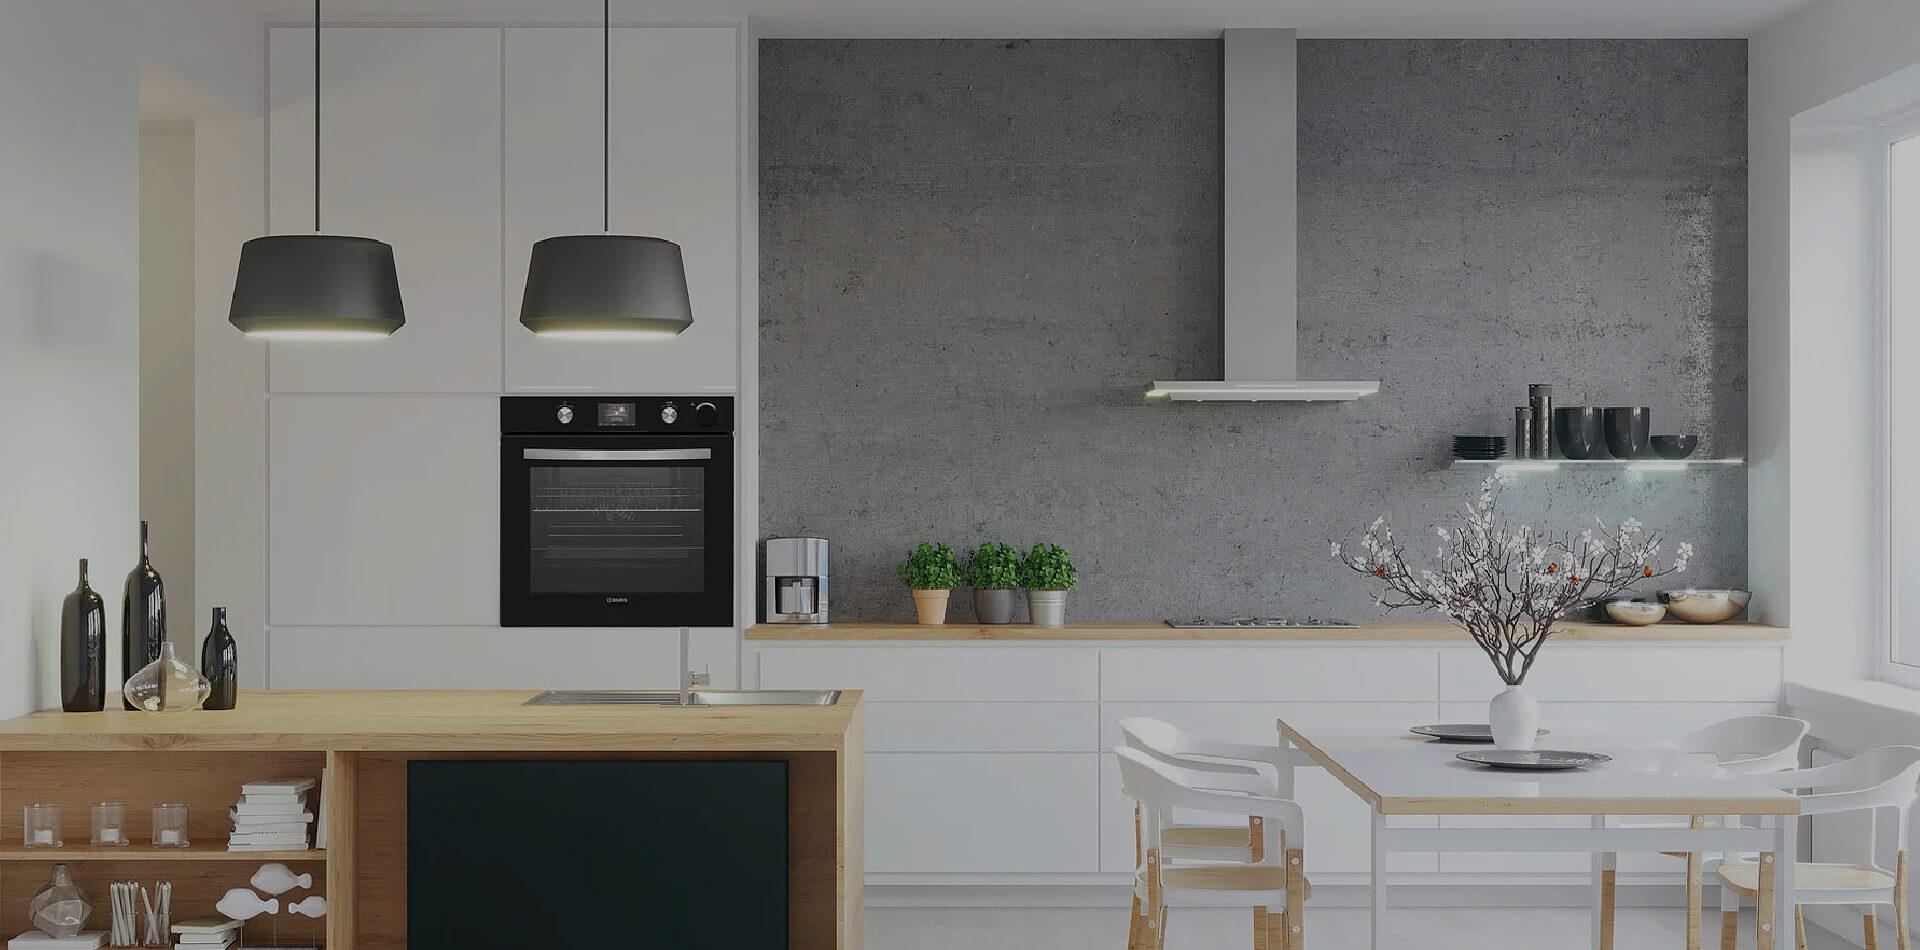 Northern Europe kitchen